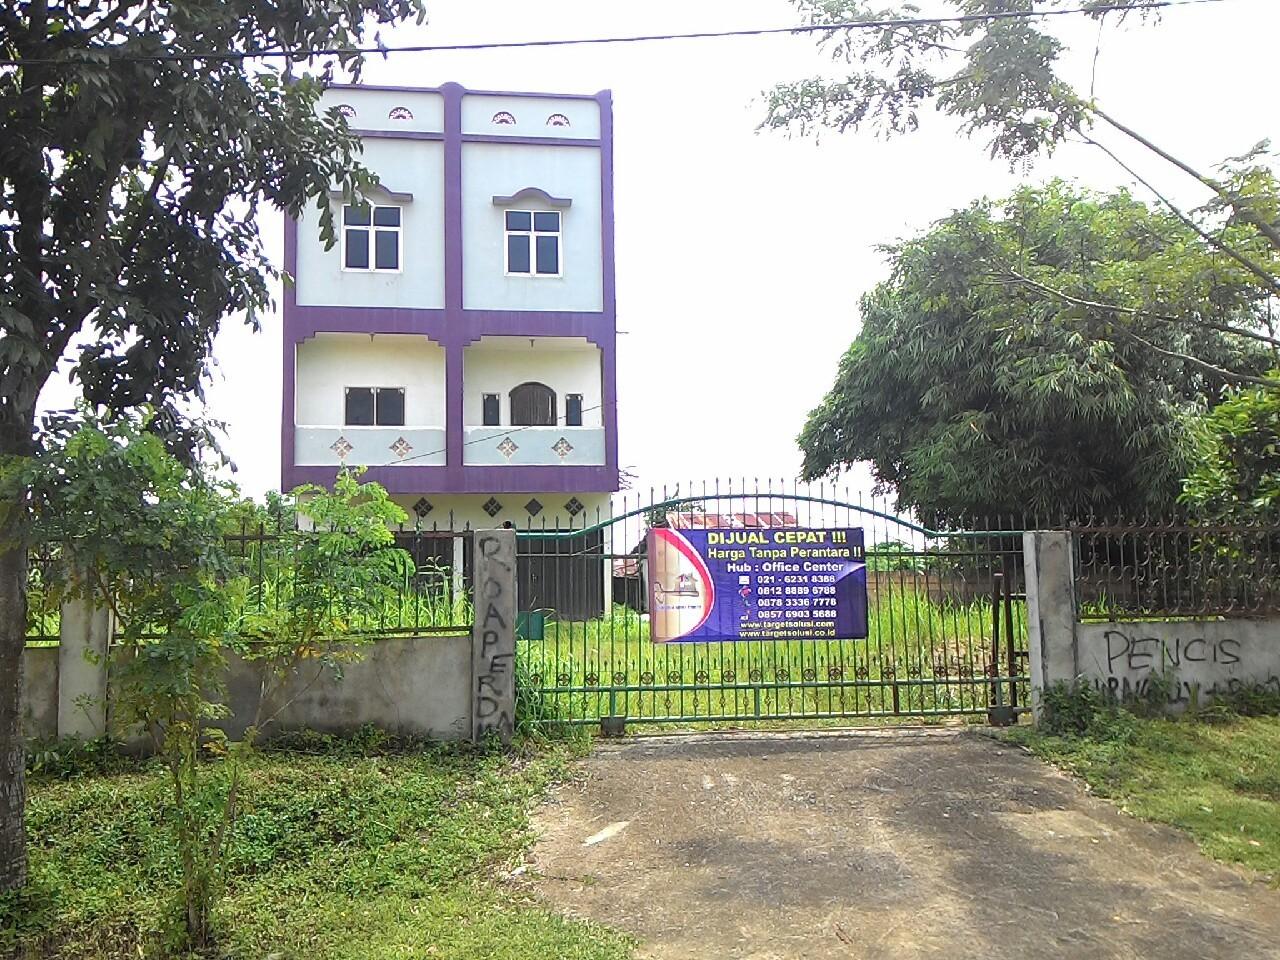 Jl. Bypass Alang-Alang Lebar – Palembang